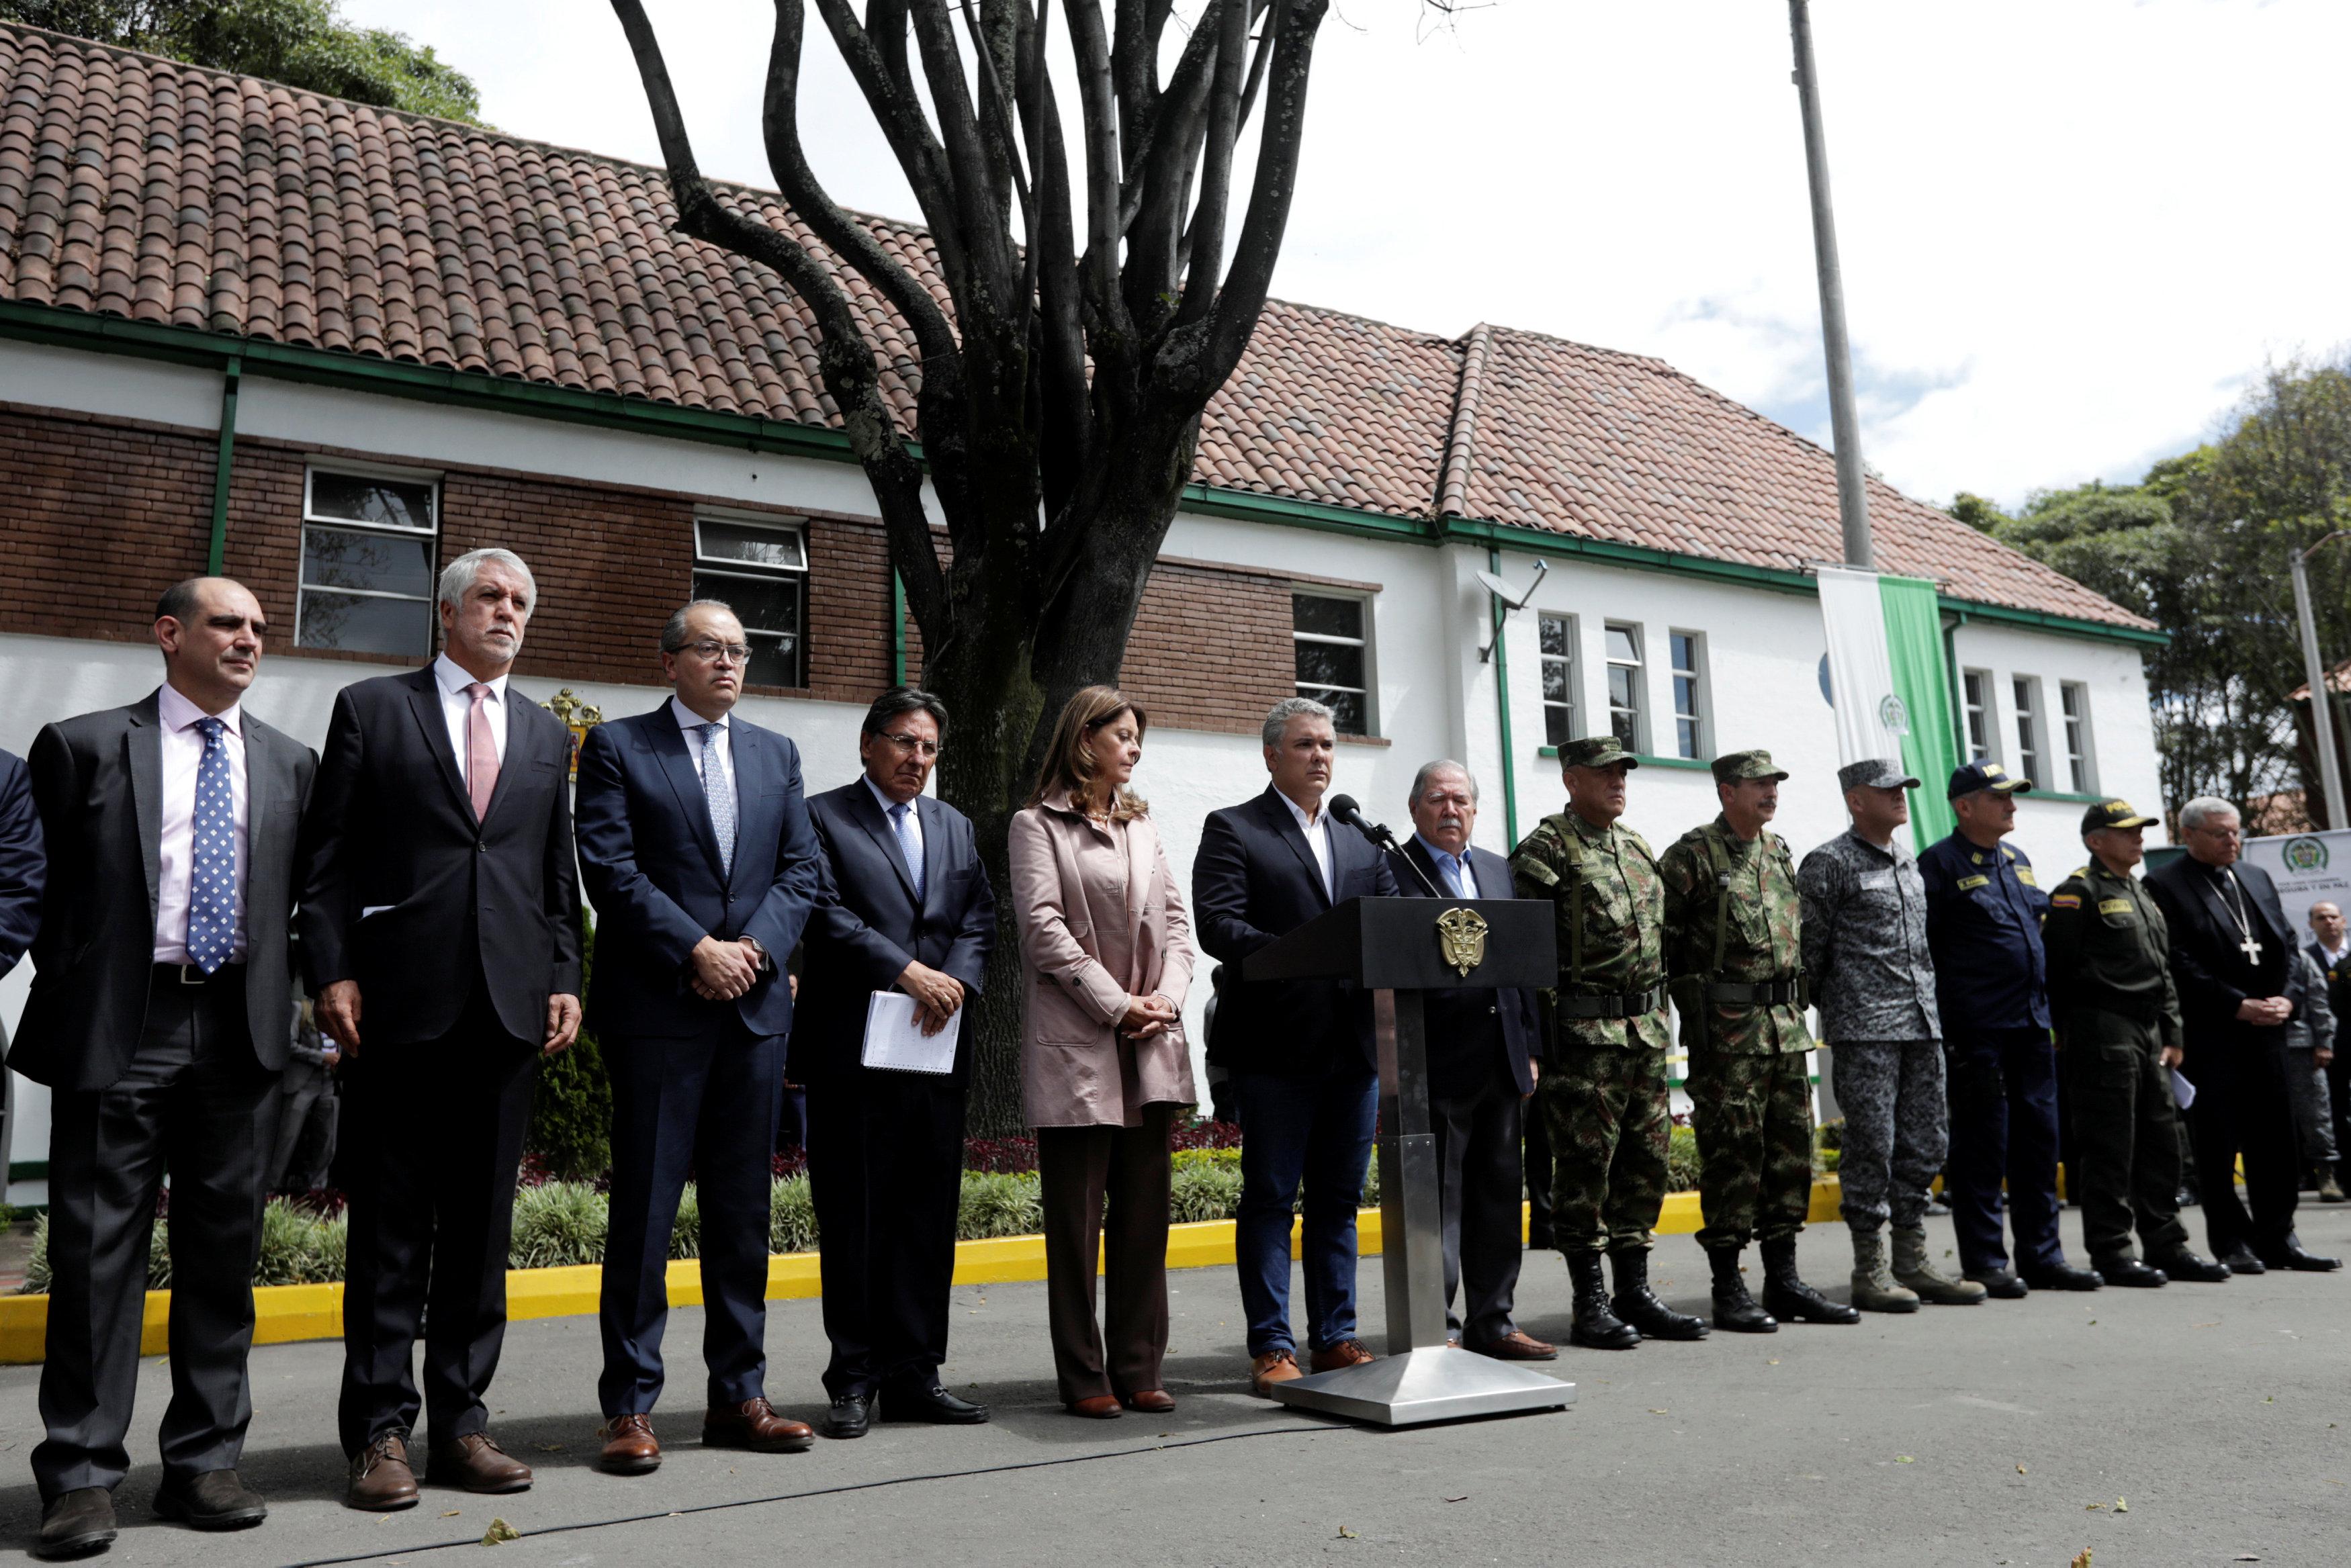 الرئيس الكولومبى يتوسط عدد من المسئولين فى المؤتمر الصحفى